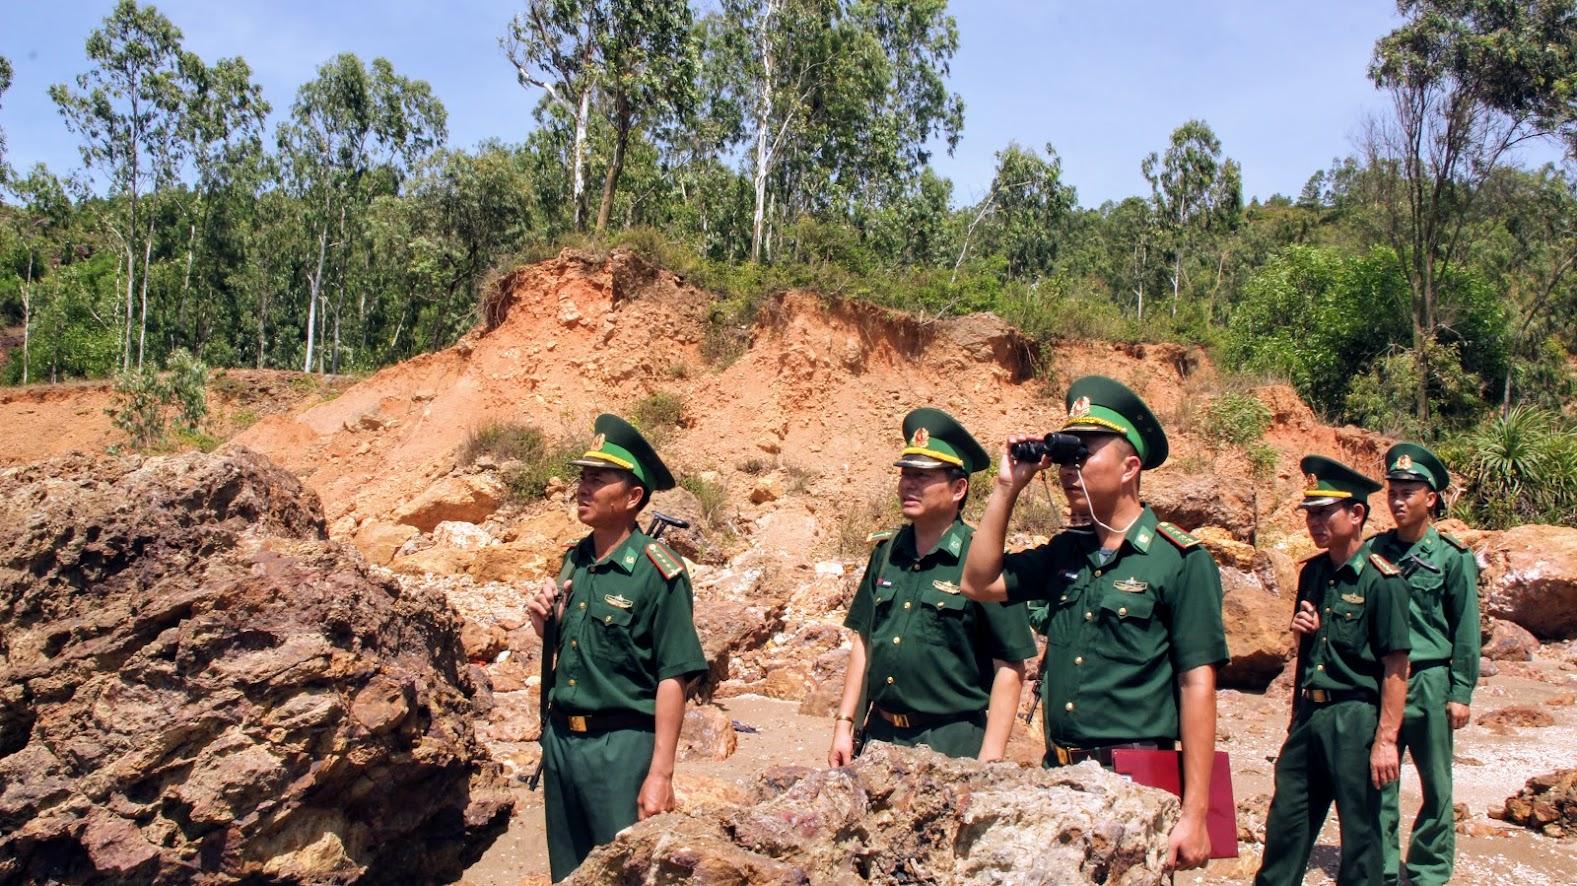 Đồn biên phòng Quỳnh Thuận thường xuyên tuần tra đảm bảo ANTT cùng ngư dân bám biển